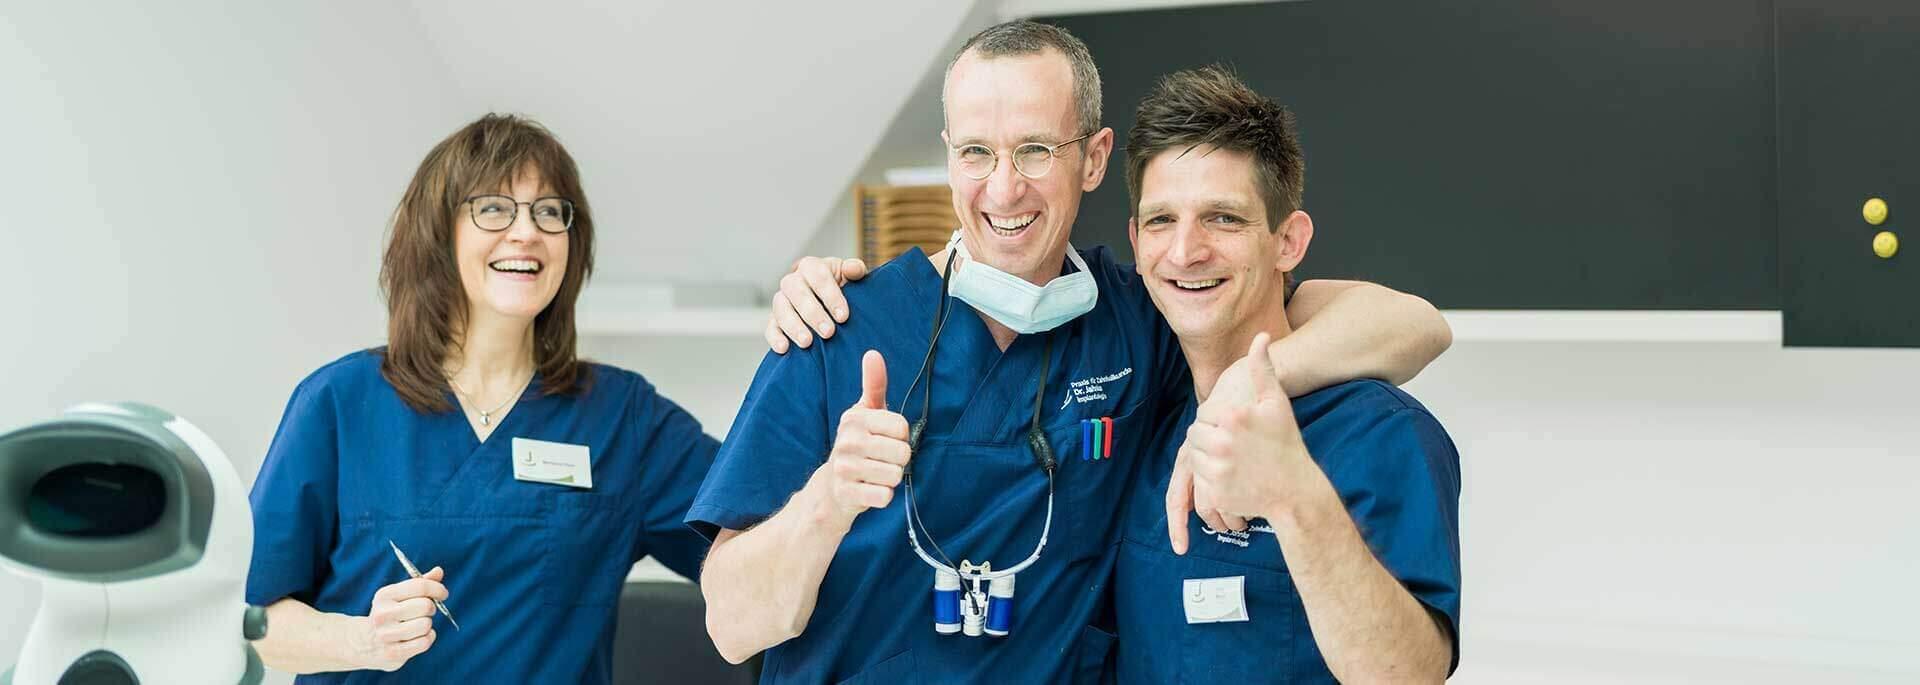 Dr. Jahnke mit Teamkollegen